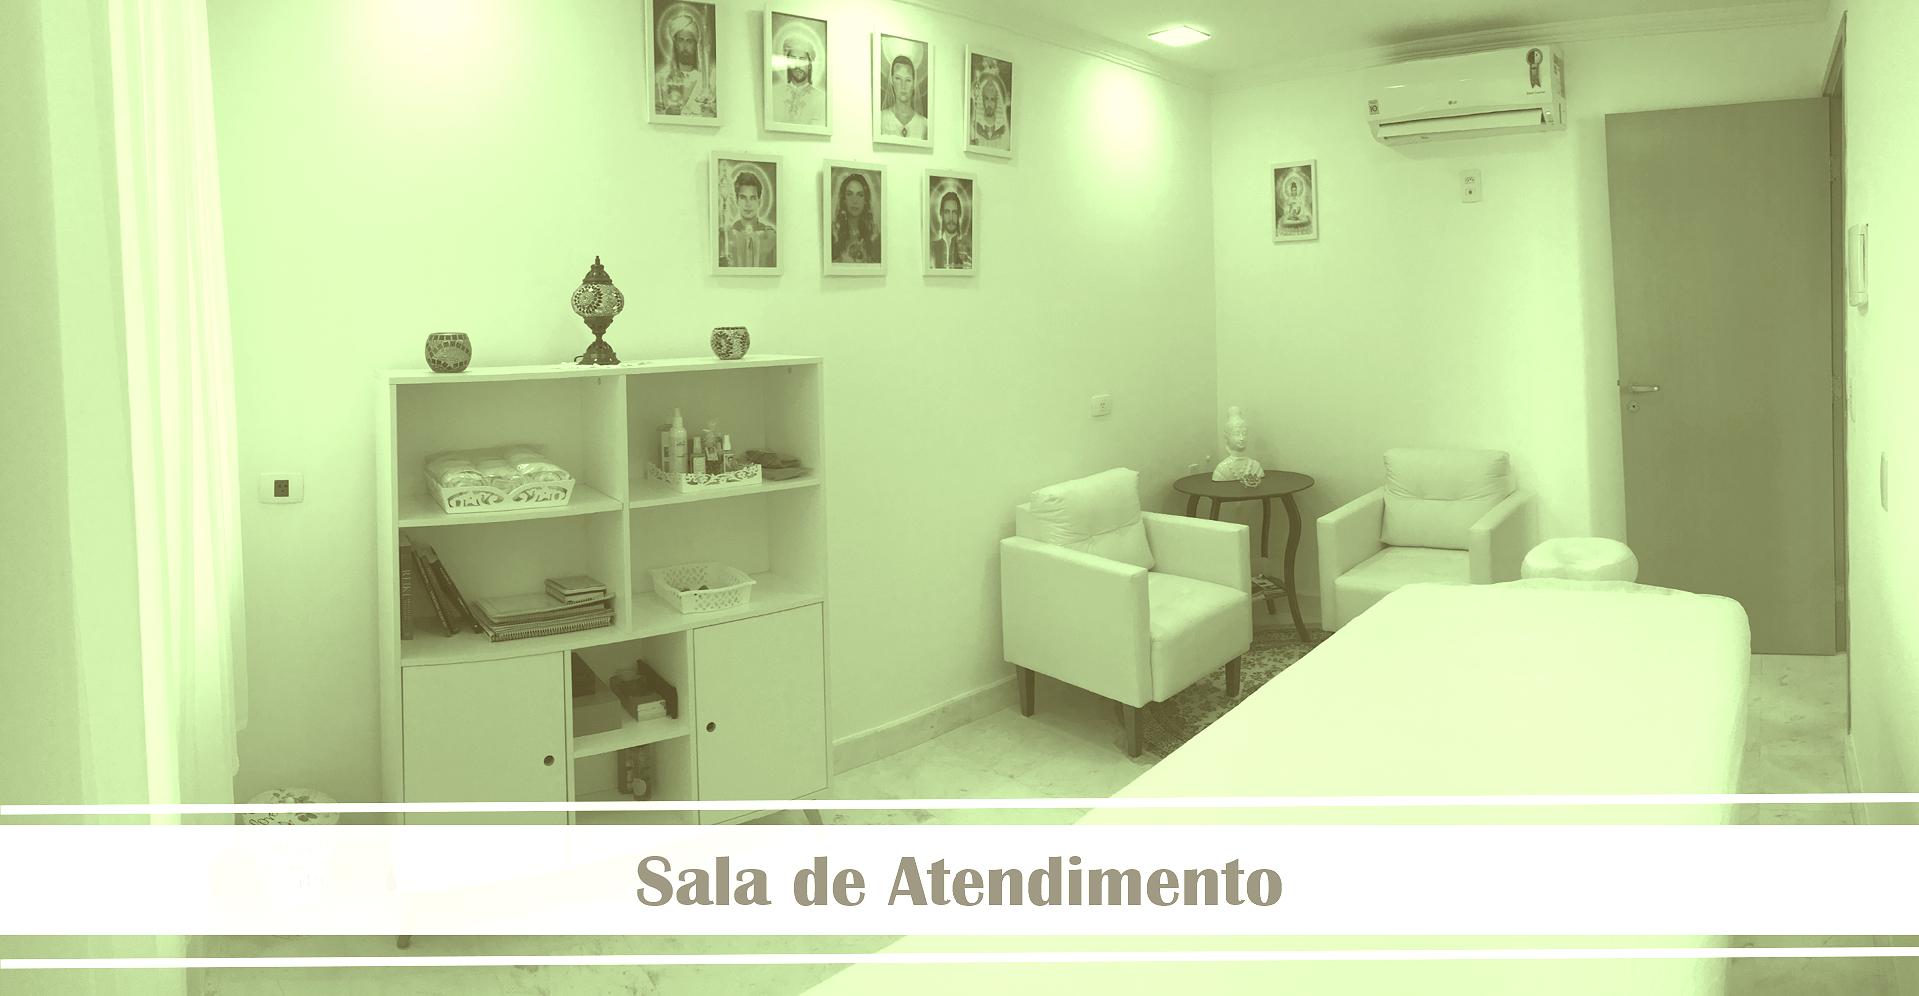 Sala de Atendimento Cantinho Ananda